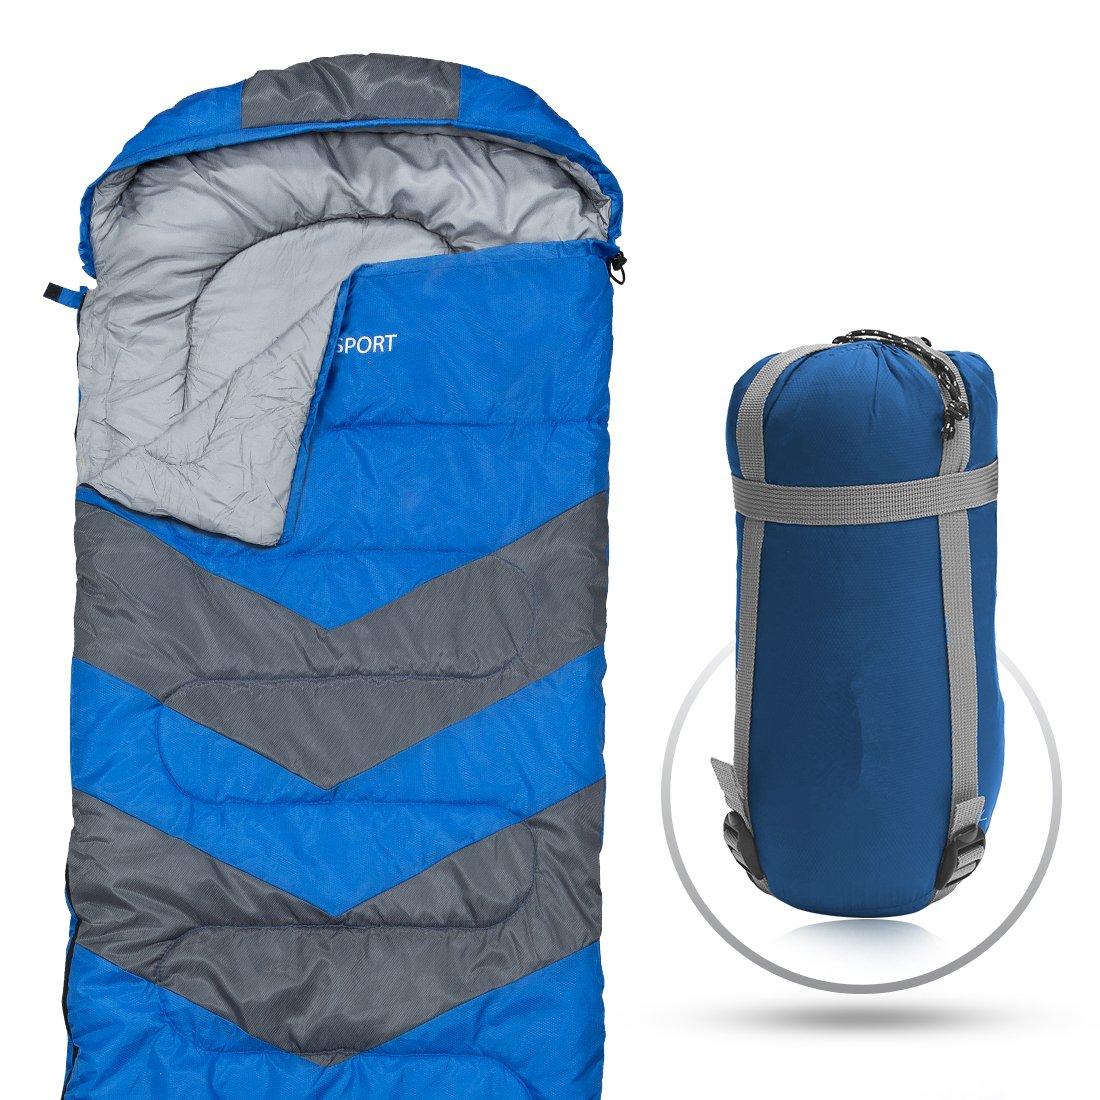 Best Backpacking Sleeping Bags Under $100 in 2017